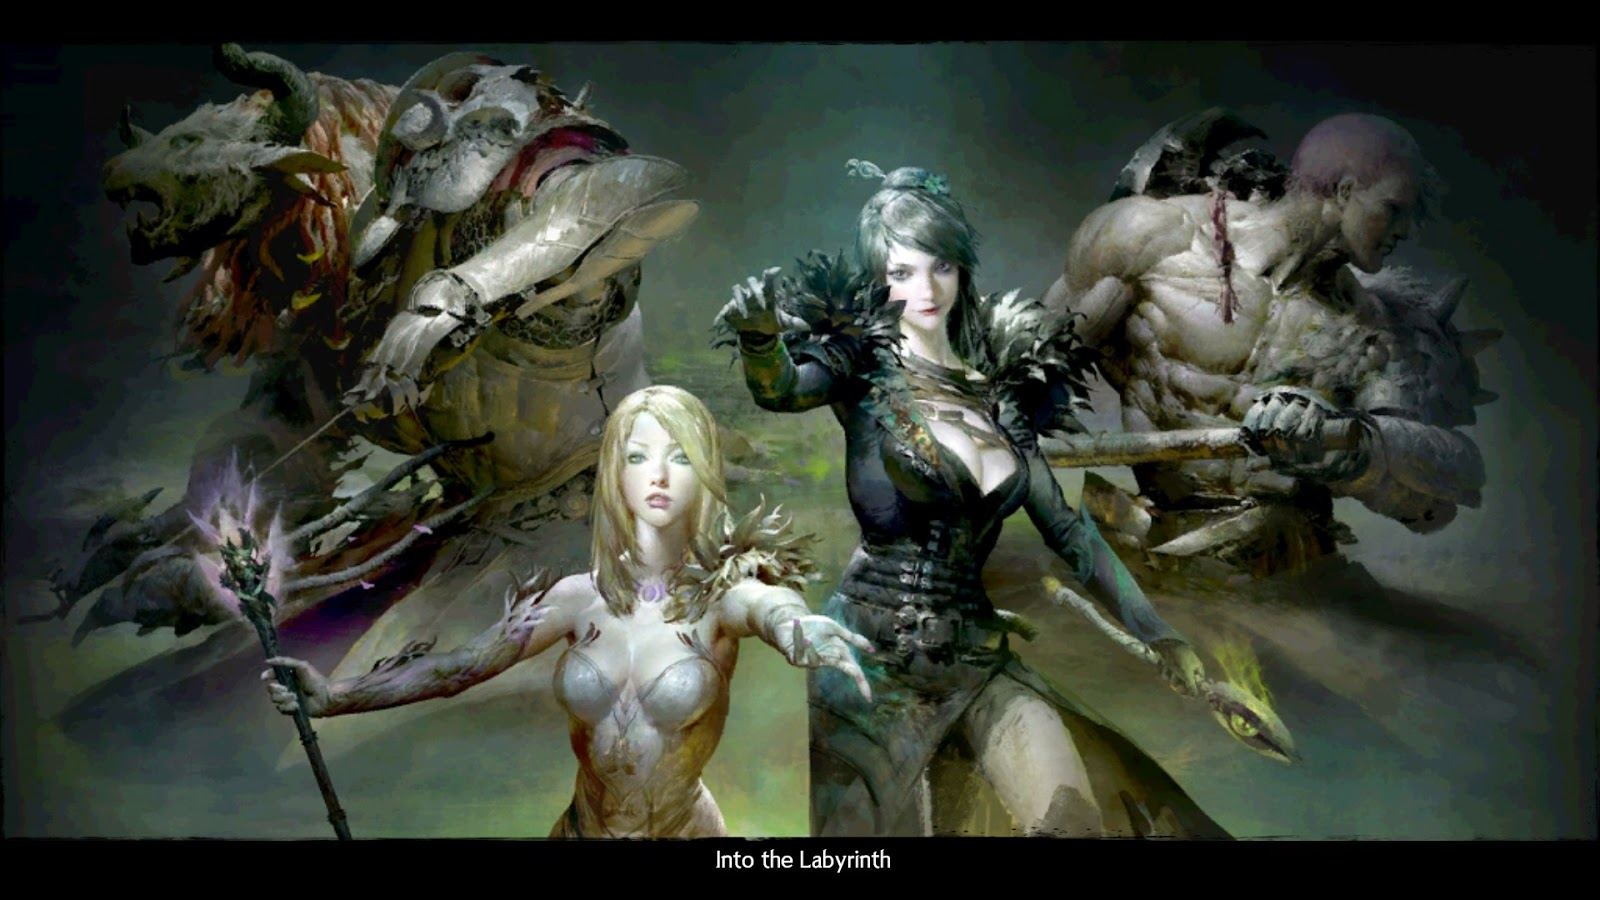 Guild wars 2 gw2 darkened desires gw2 fashion - Gw2